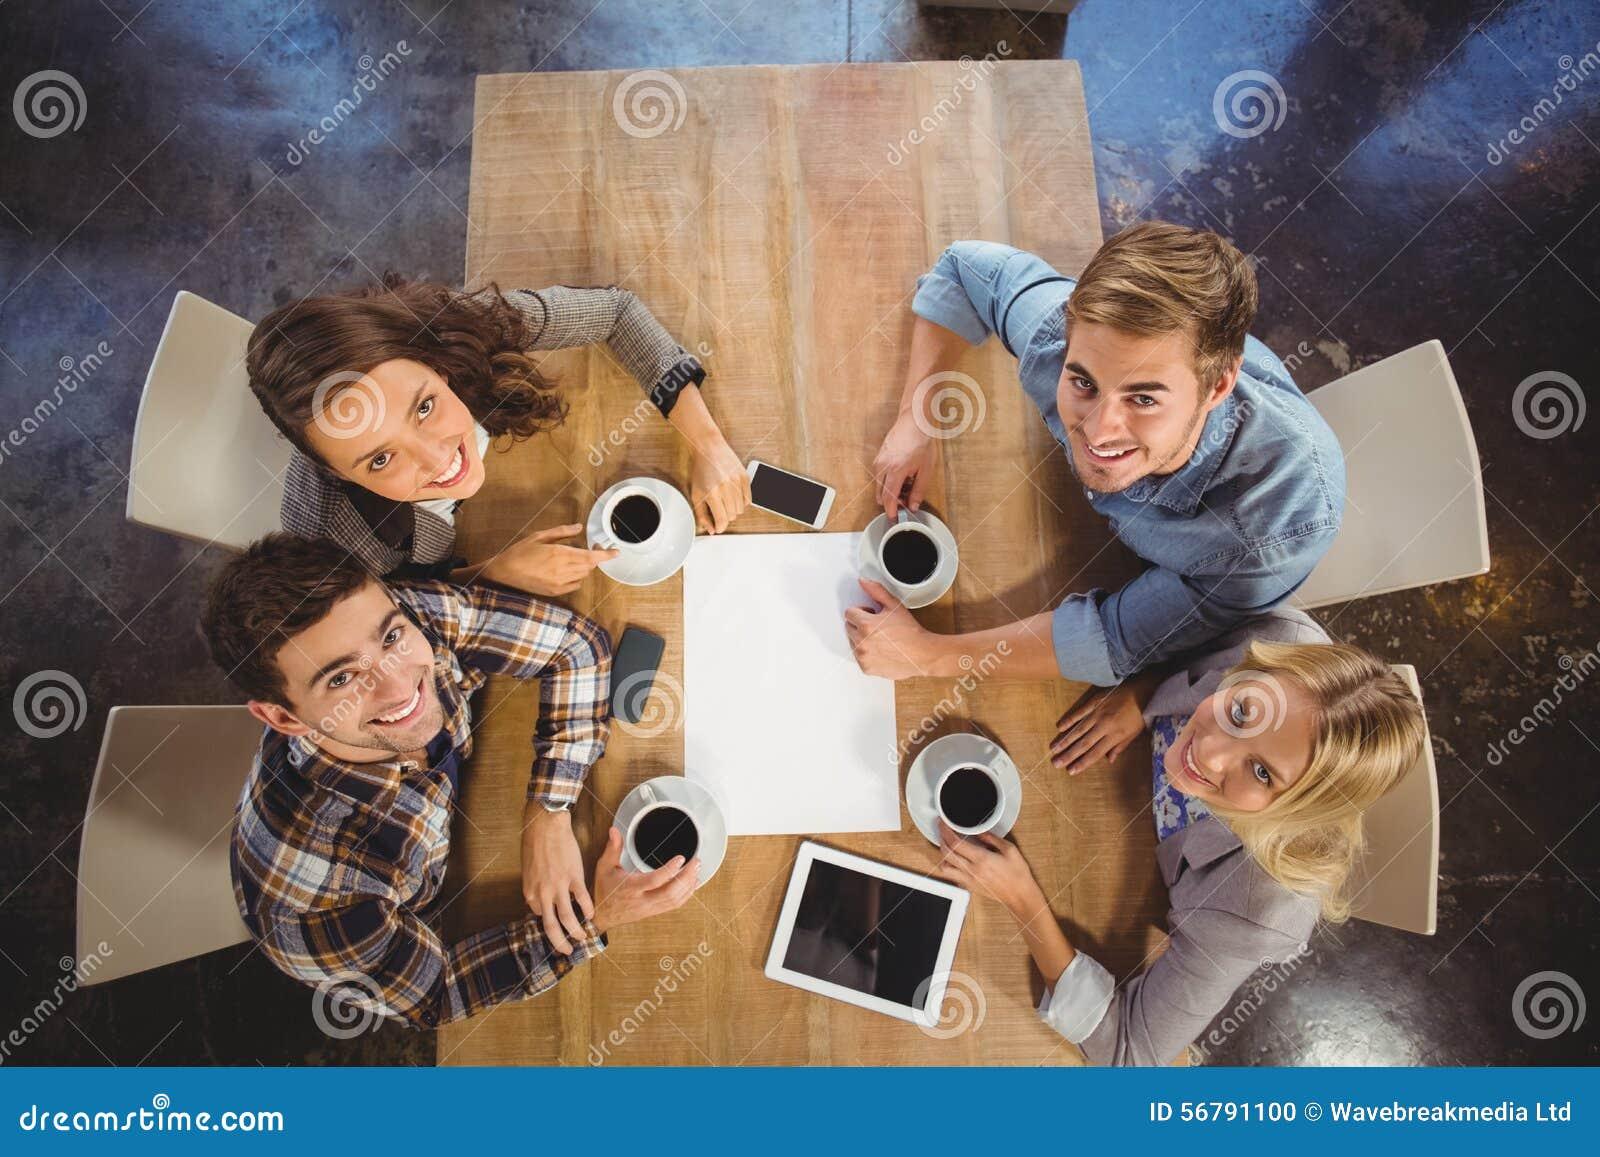 Glimlachende vrienden die en koffie zitten drinken